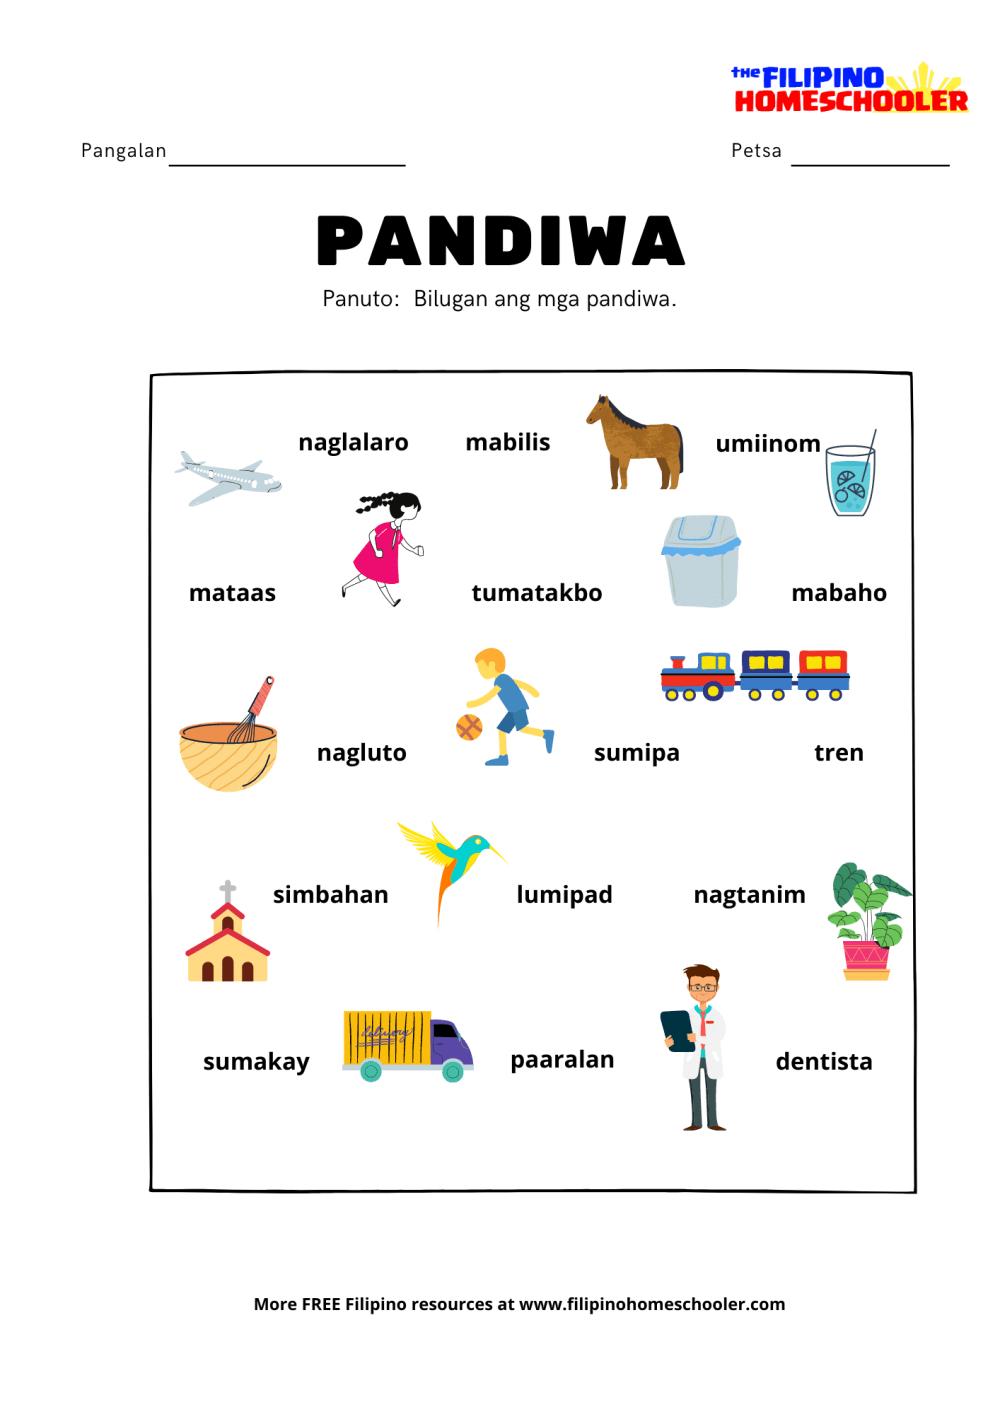 medium resolution of Pandiwa at Mga Halimbawa — The Filipino Homeschooler